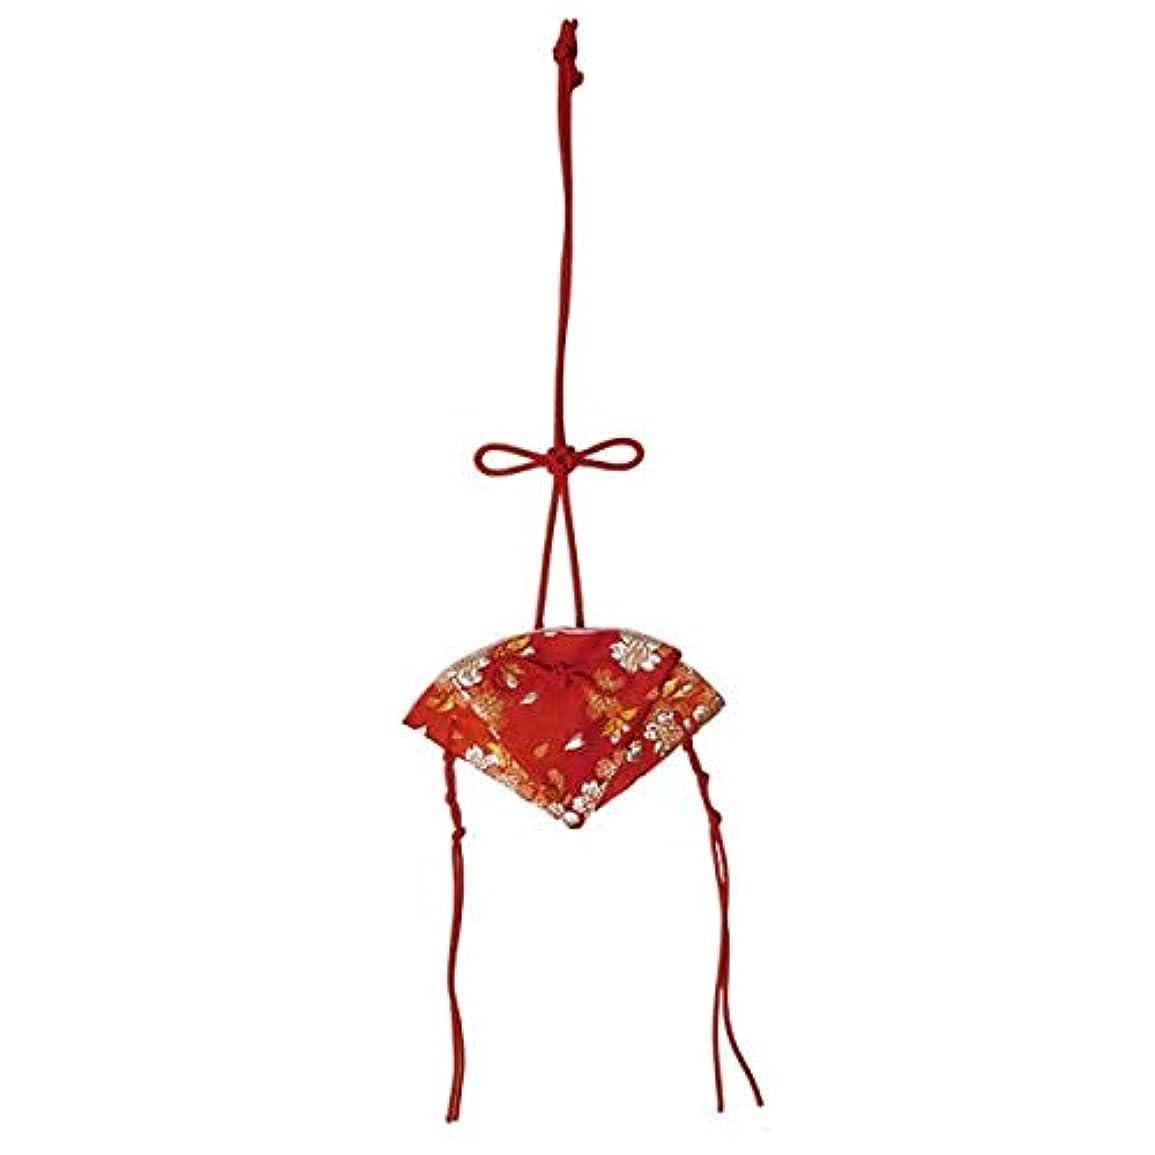 名目上の端電子掛香 扇 桜 赤(赤紐)